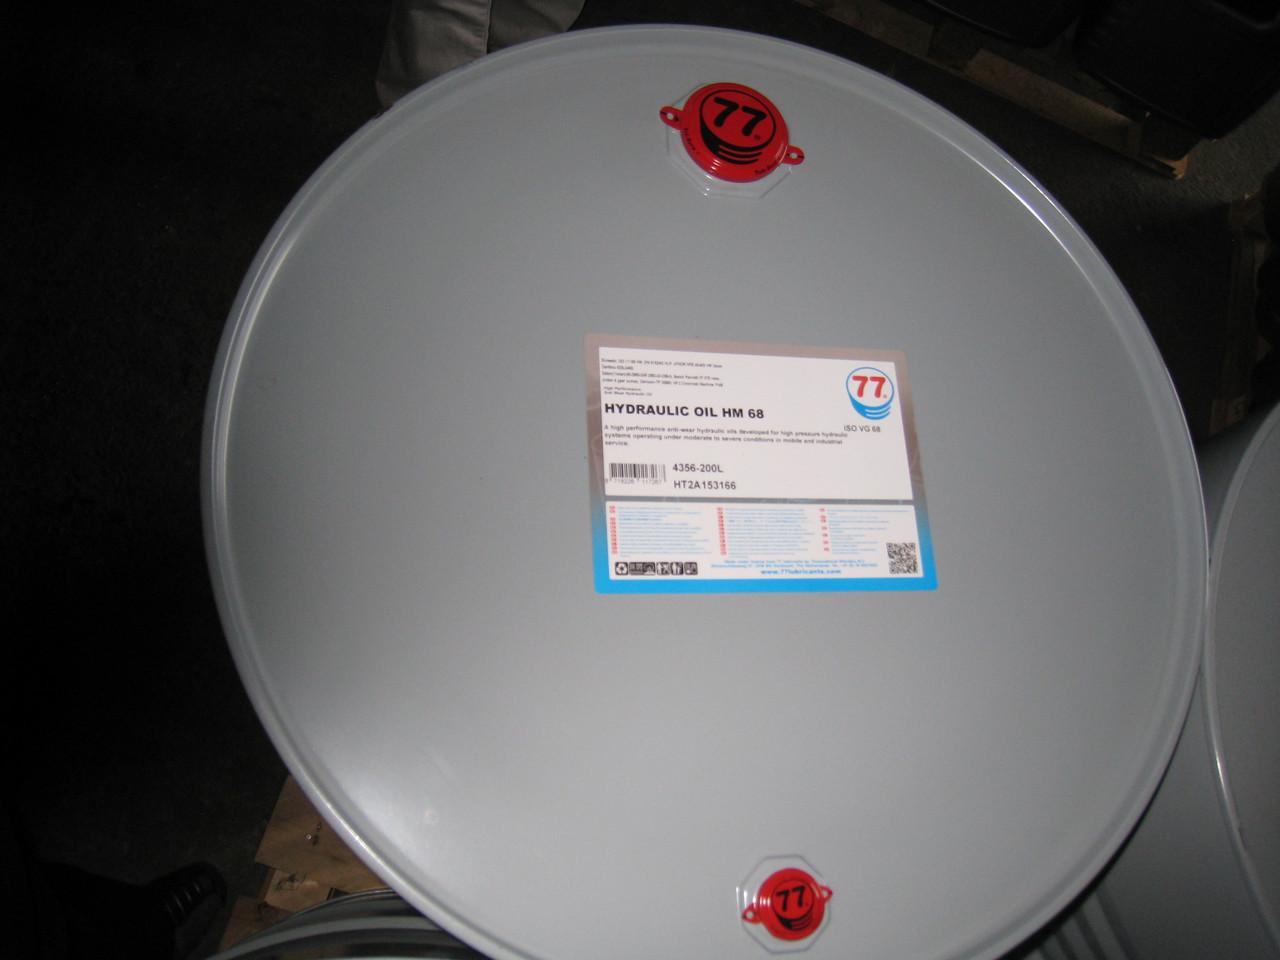 Гідравлічне масло HYDRAULIC OIL HM 68, DIN 51524/2 HLP, ISO VG 68 (бочка 200 л)